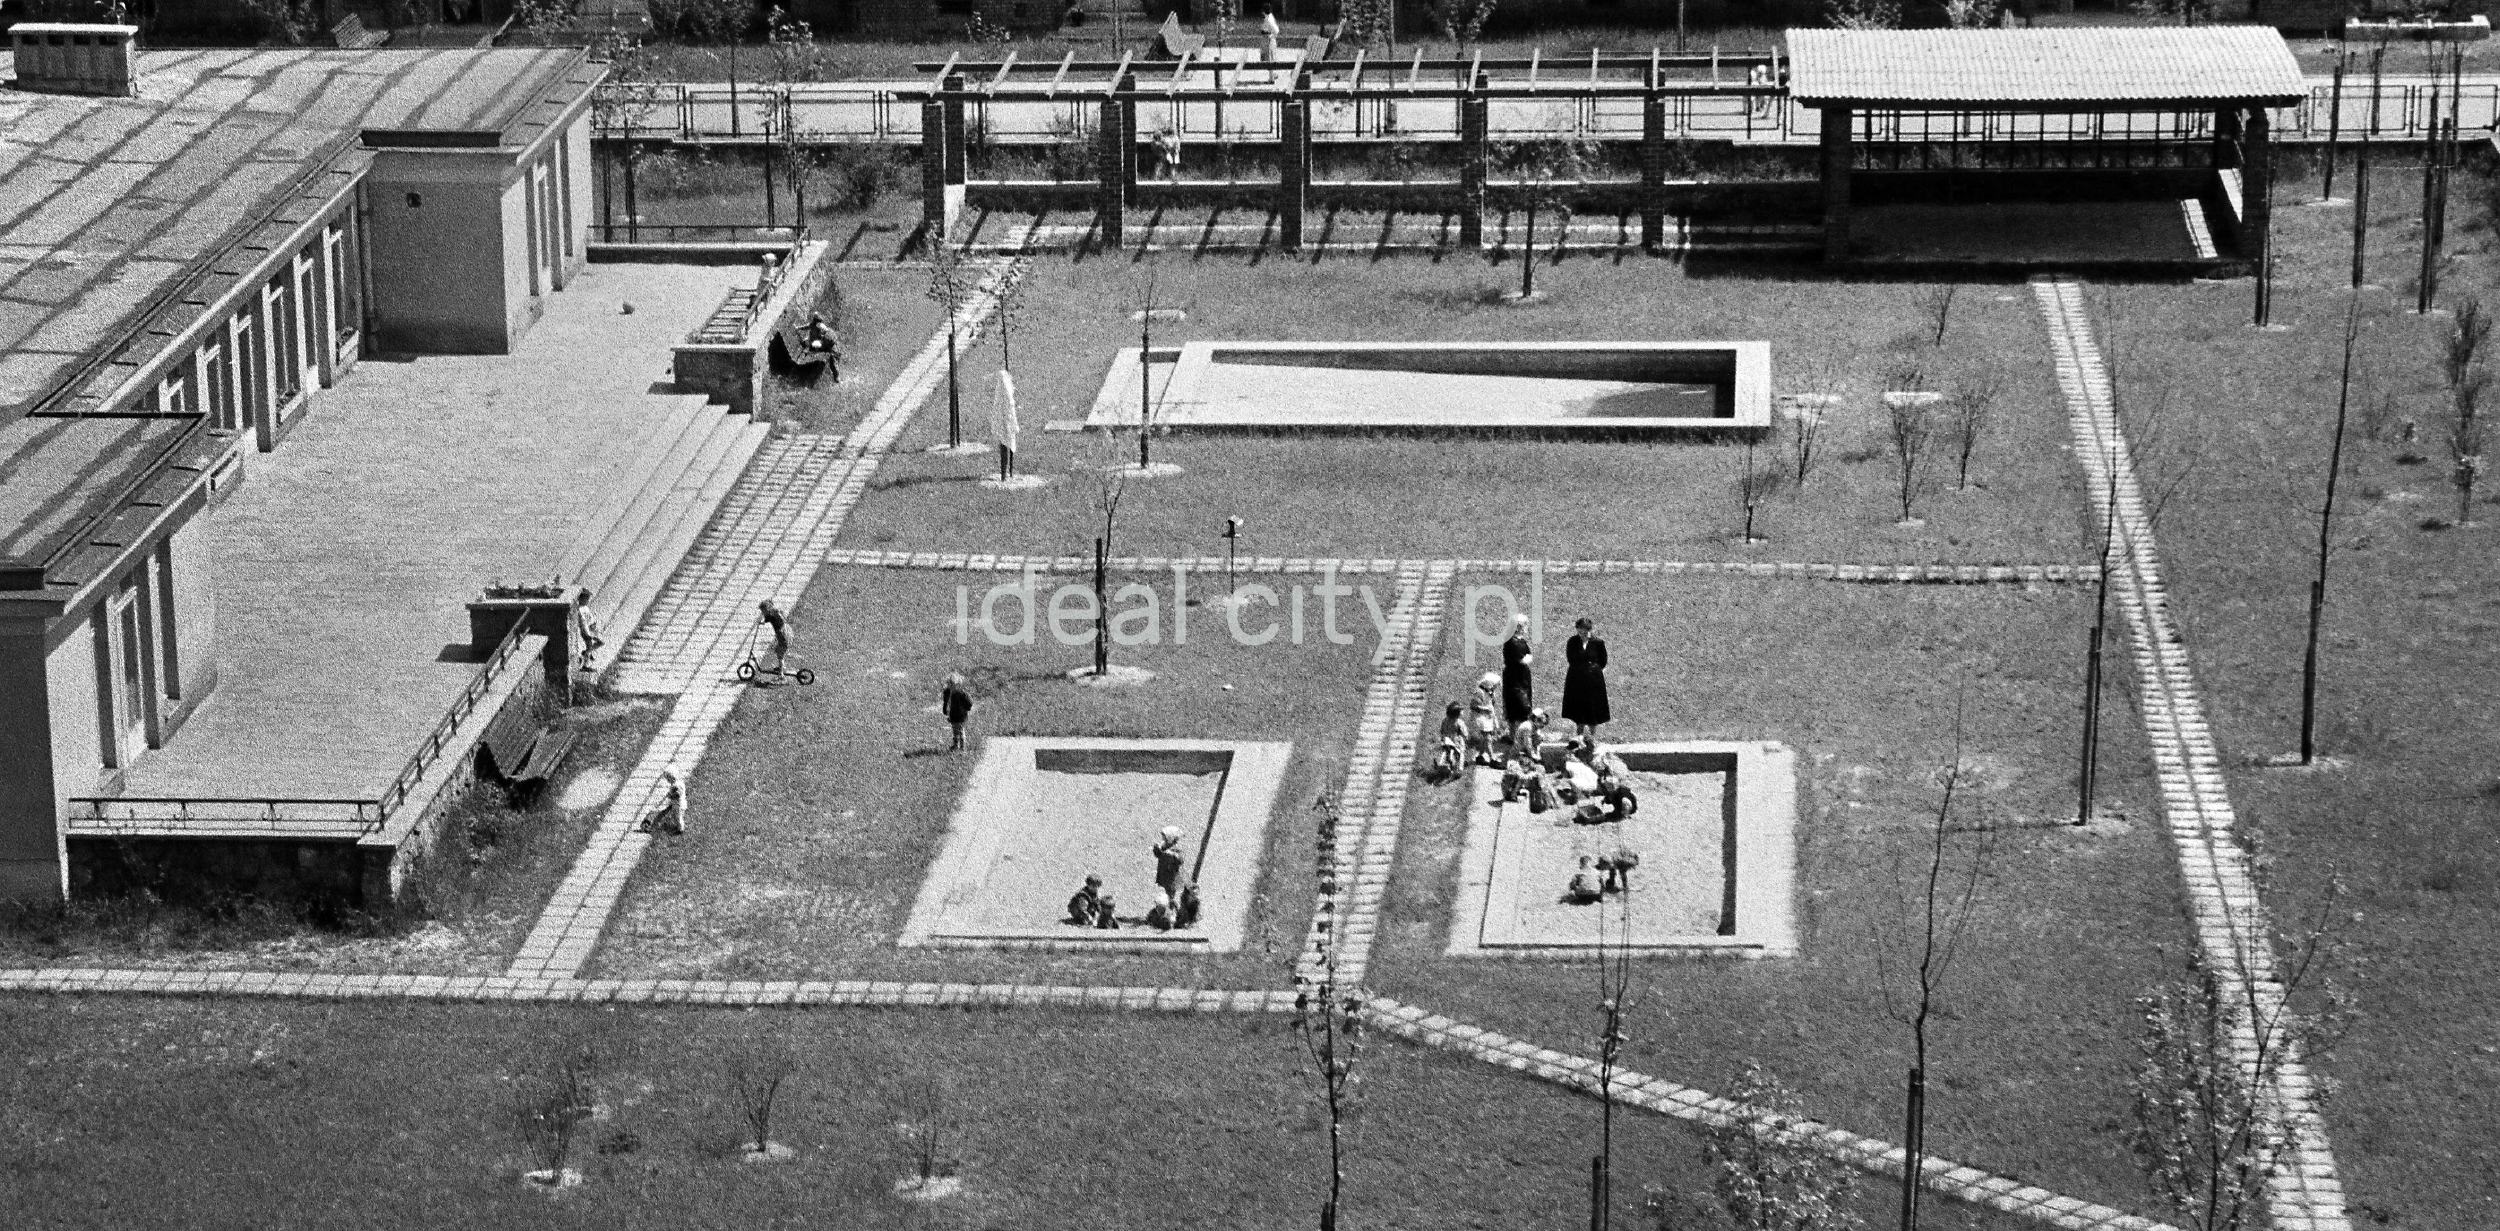 Widok z góry na zorganizowany plac zabaw przed przedszkolem, widoczne bawiące się dzieci oraz opiekunki.